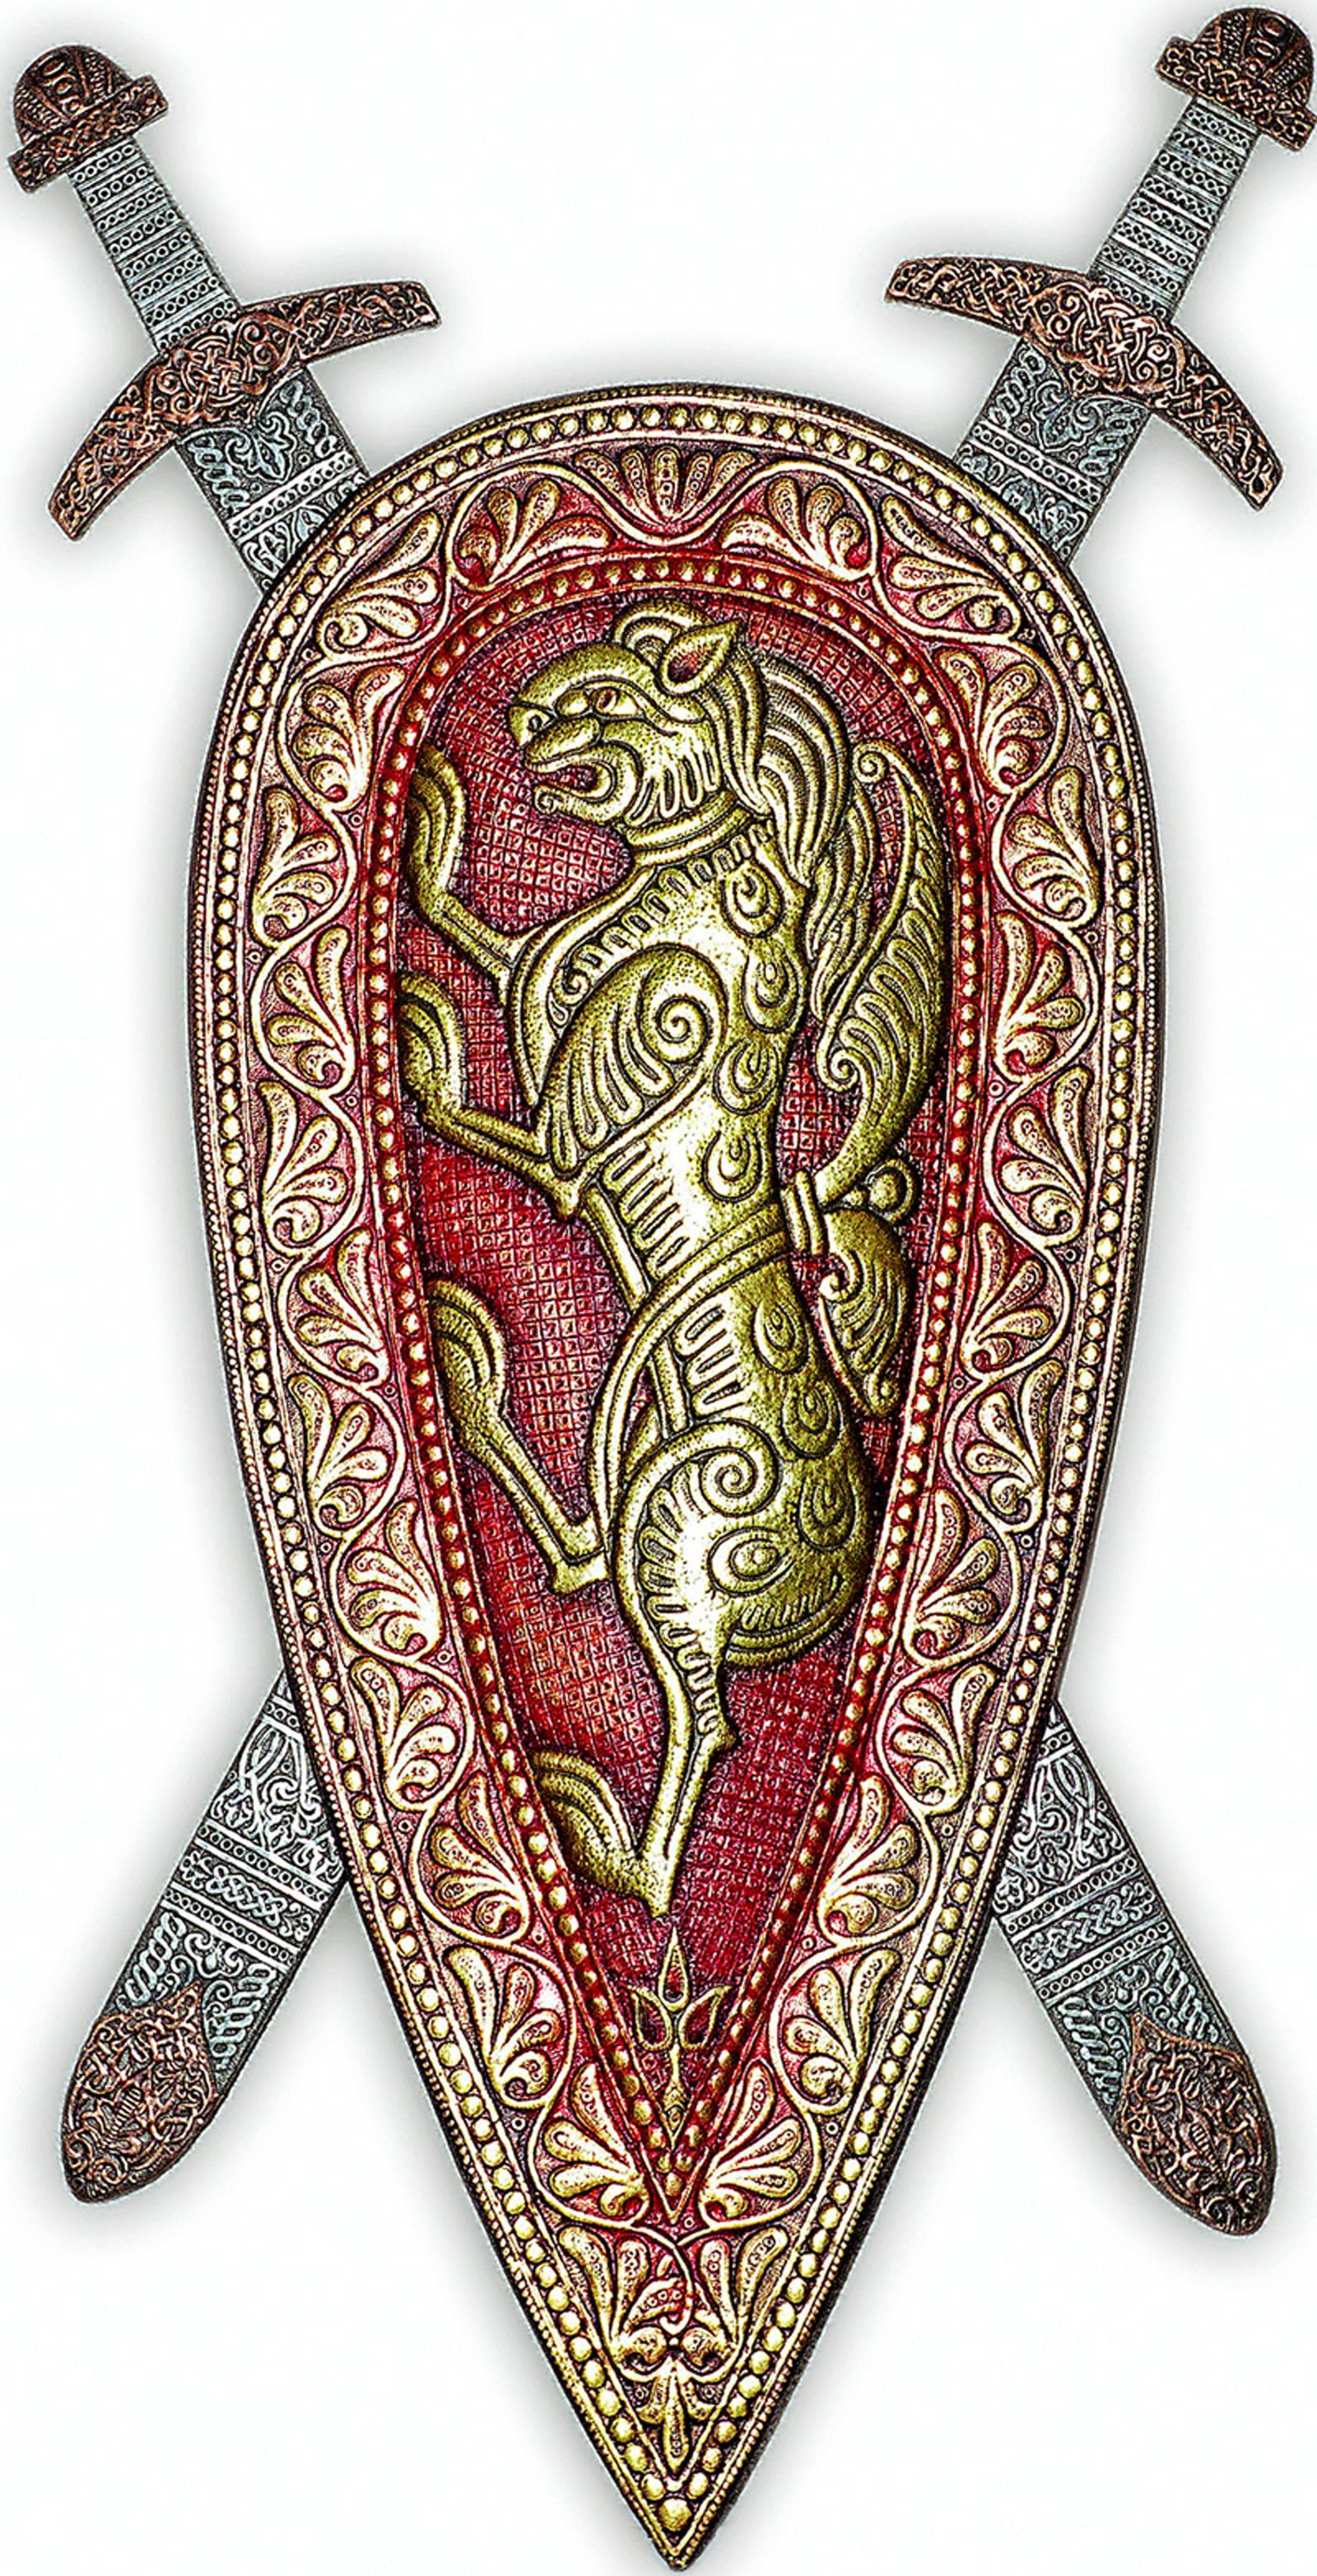 Картинки щит и меч русского богатыря в векторе